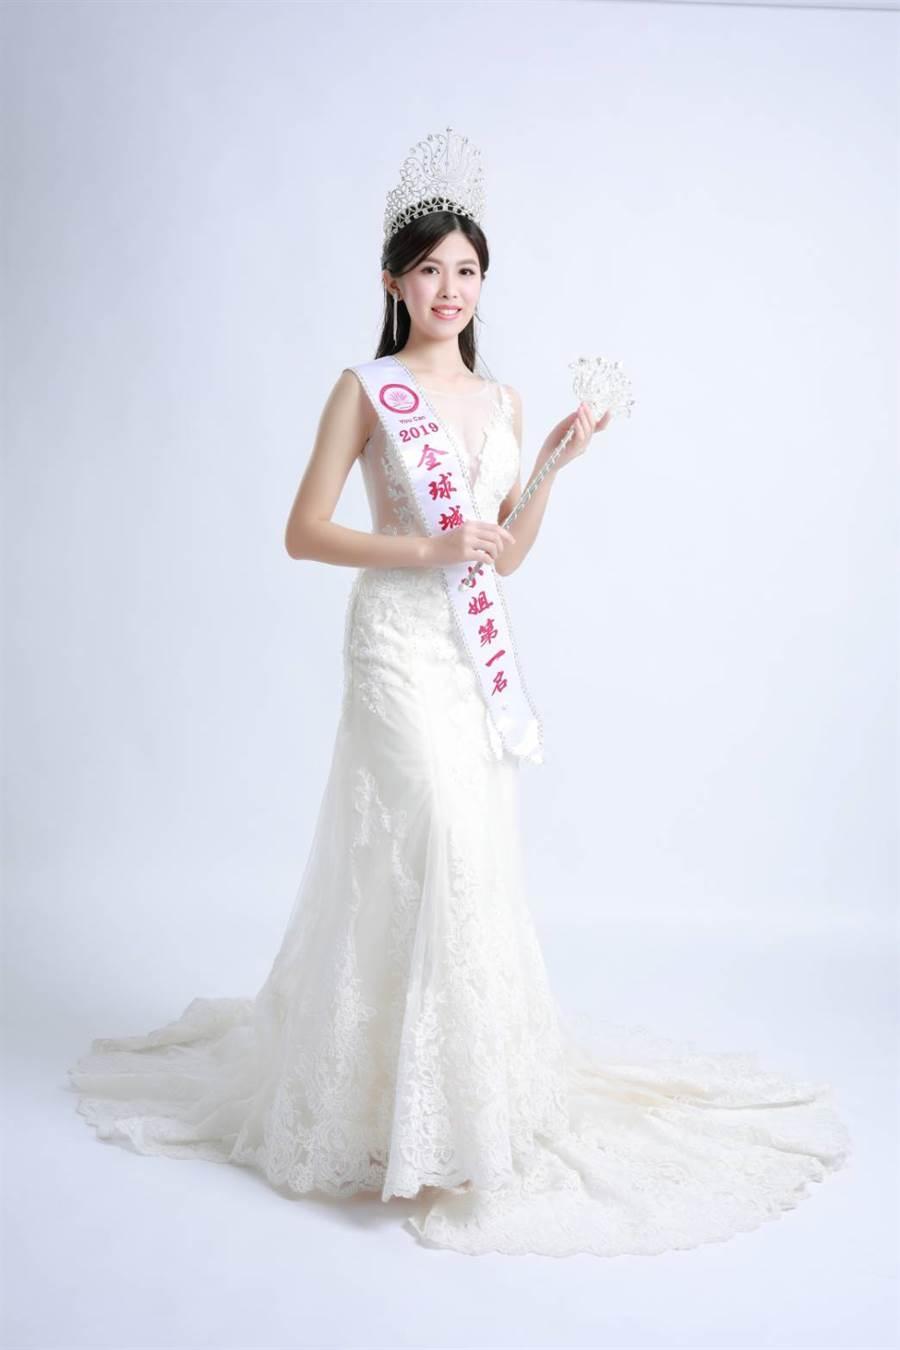 選美冠軍的柯純心,10月將赴重慶參加全球城市小姐大中華總決賽。(照片/取自柯純心 臉書)